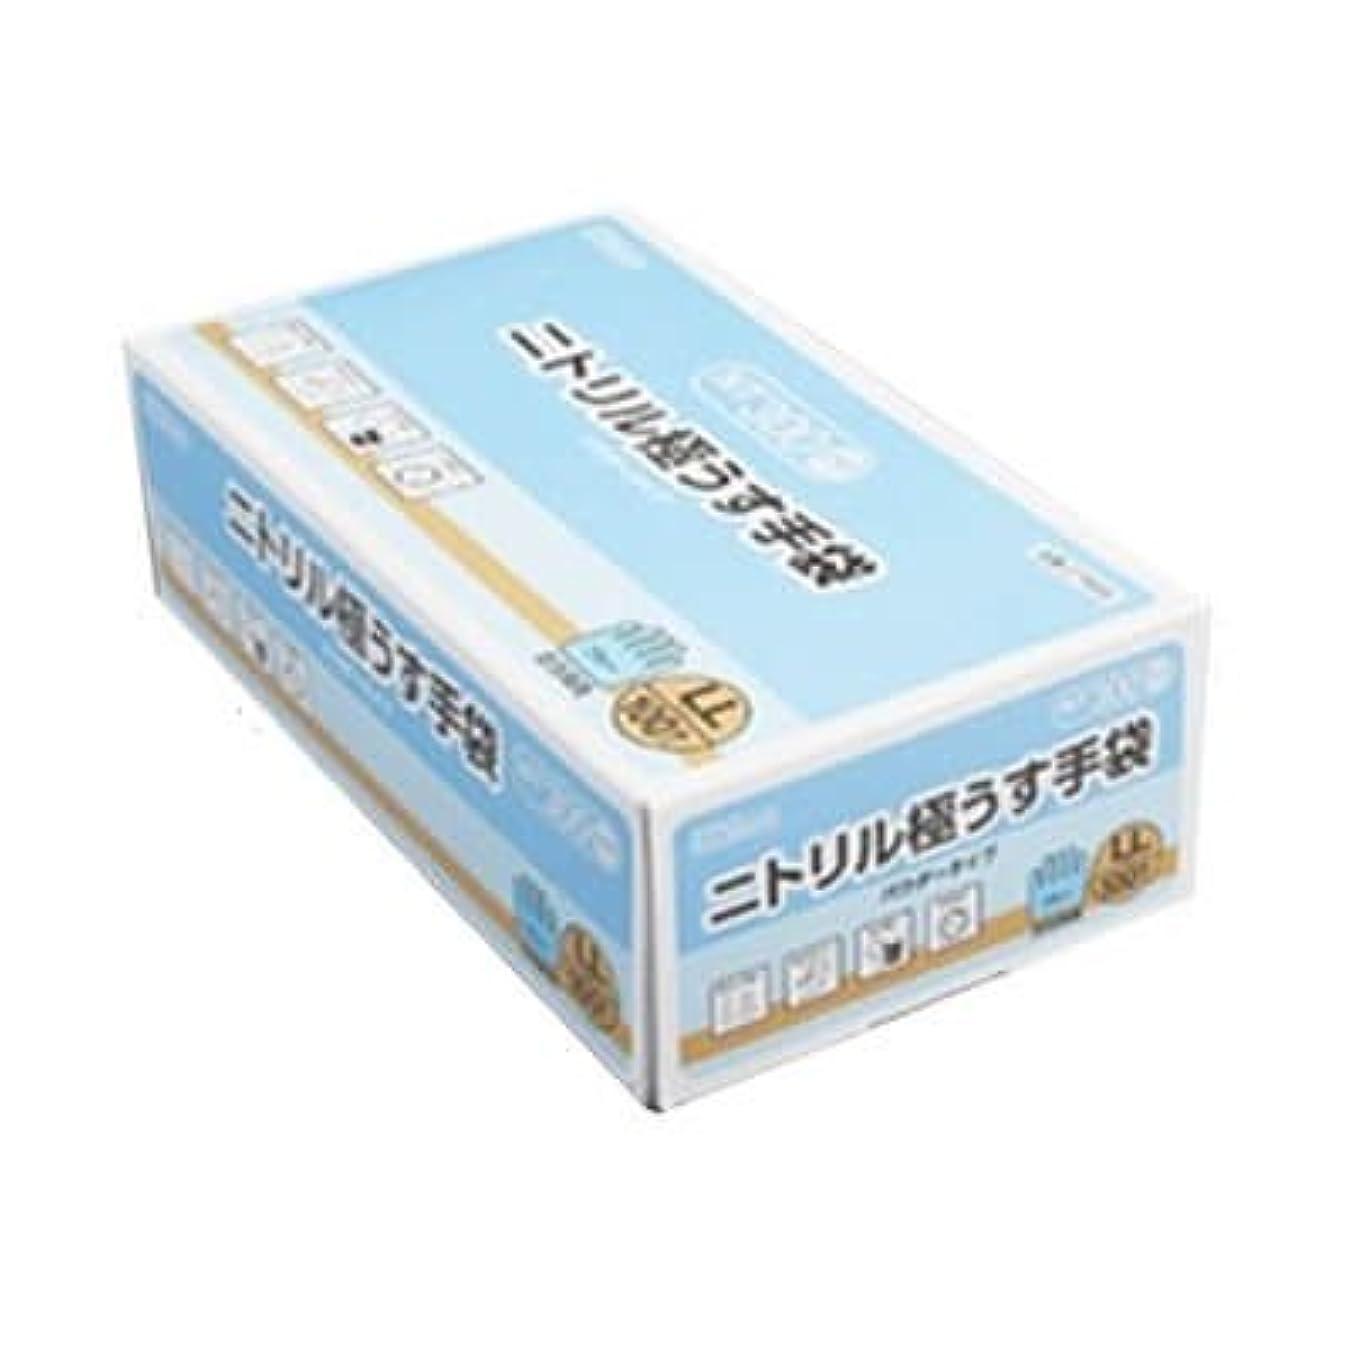 請求可能翻訳ギャロップ【ケース販売】 ダンロップ ニトリル極うす手袋 粉付 LL ブルー NT-300 (100枚入×20箱)